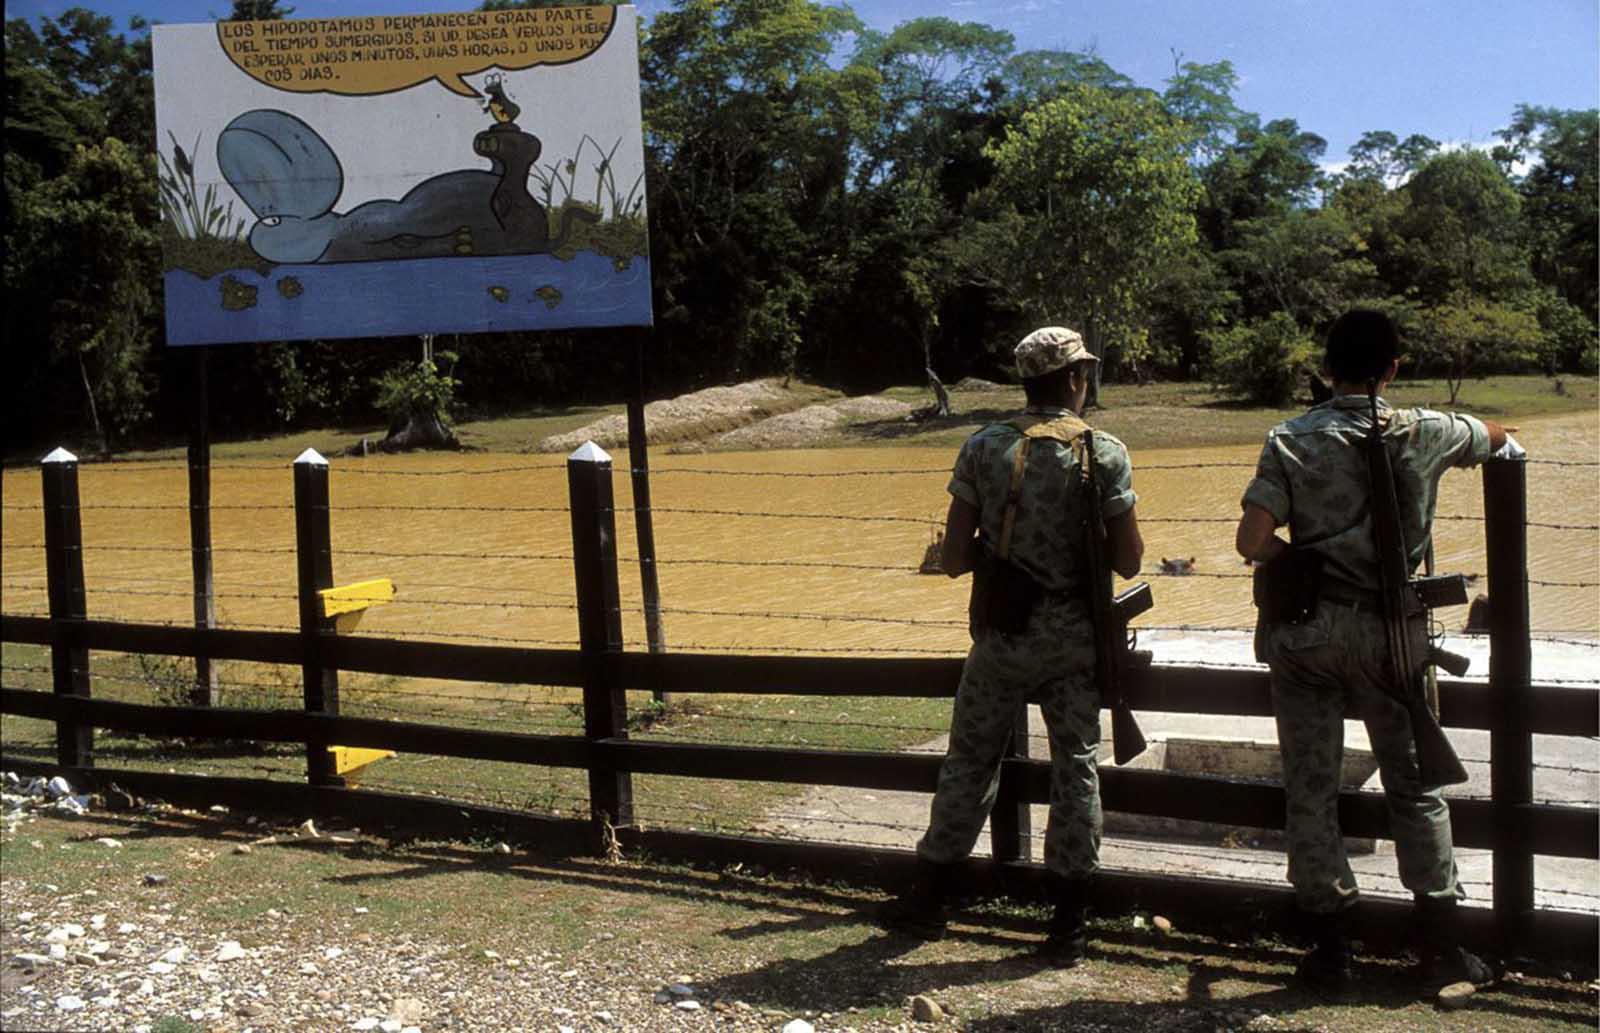 Soldados observan el estanque de hipopótamos en la hacienda.